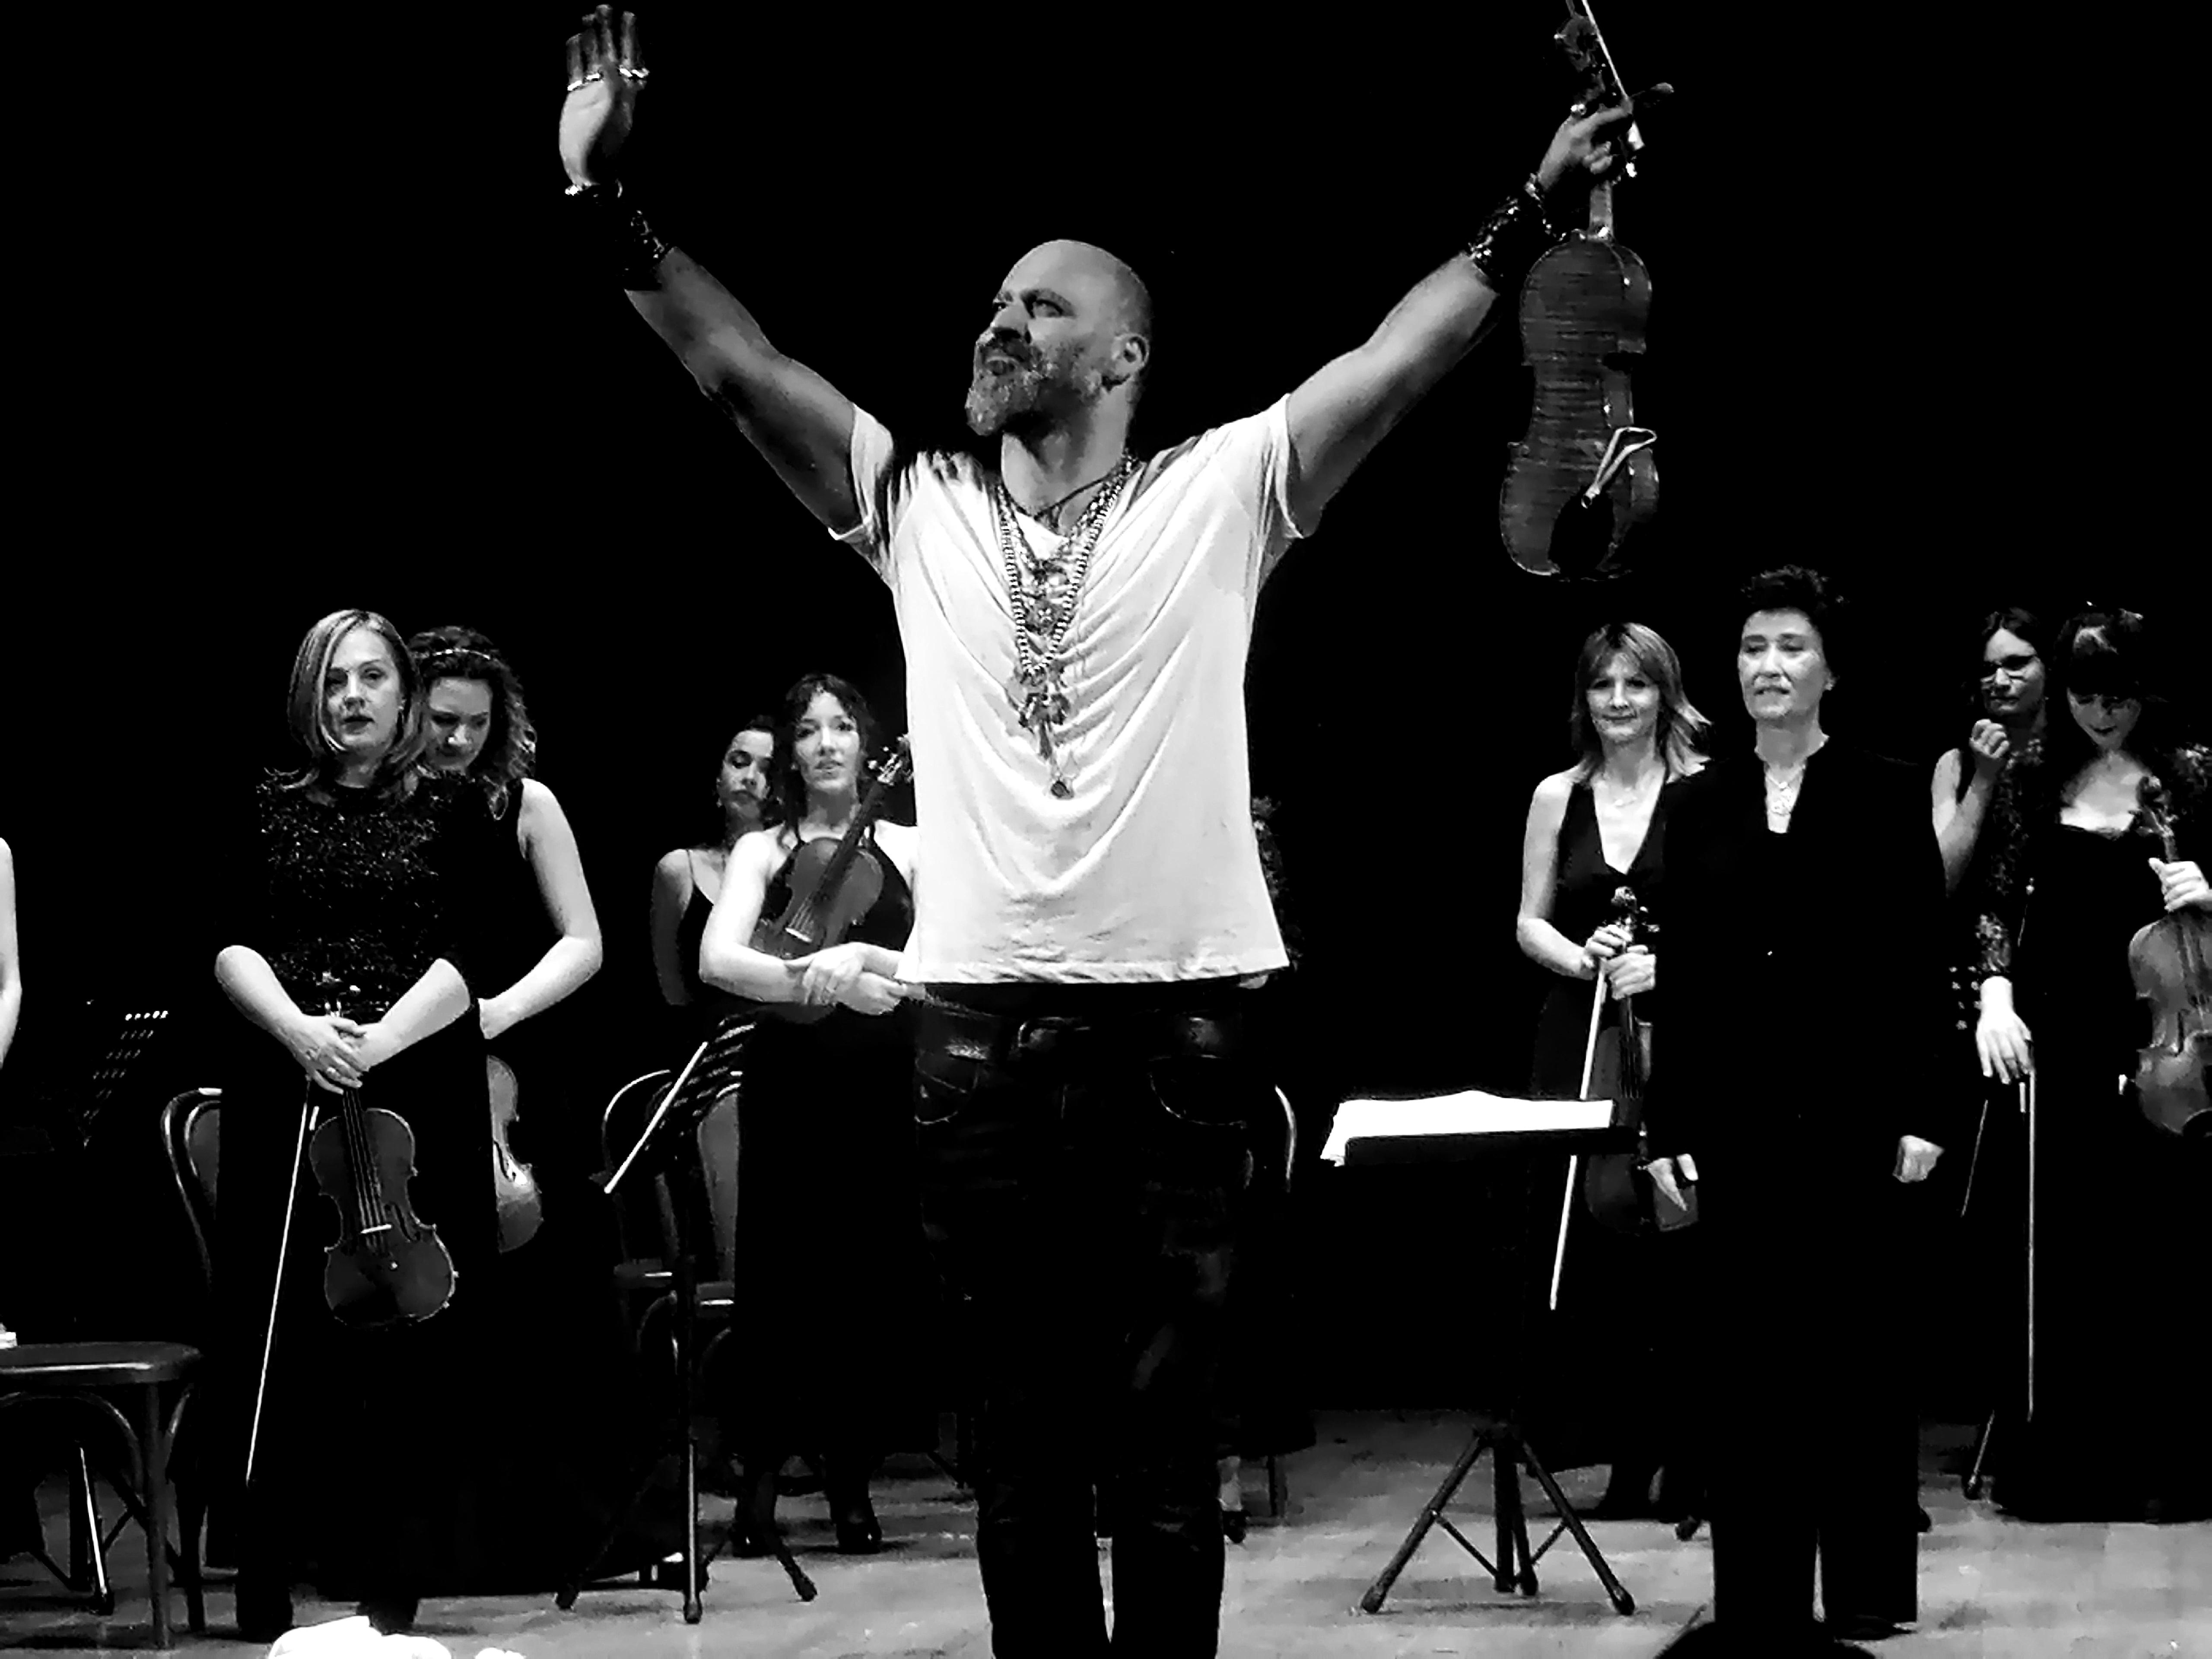 Astor Piazzolla rivive a Lamezia con Alessandro Quarta e l'Orchestra Femminile del Mediterraneo